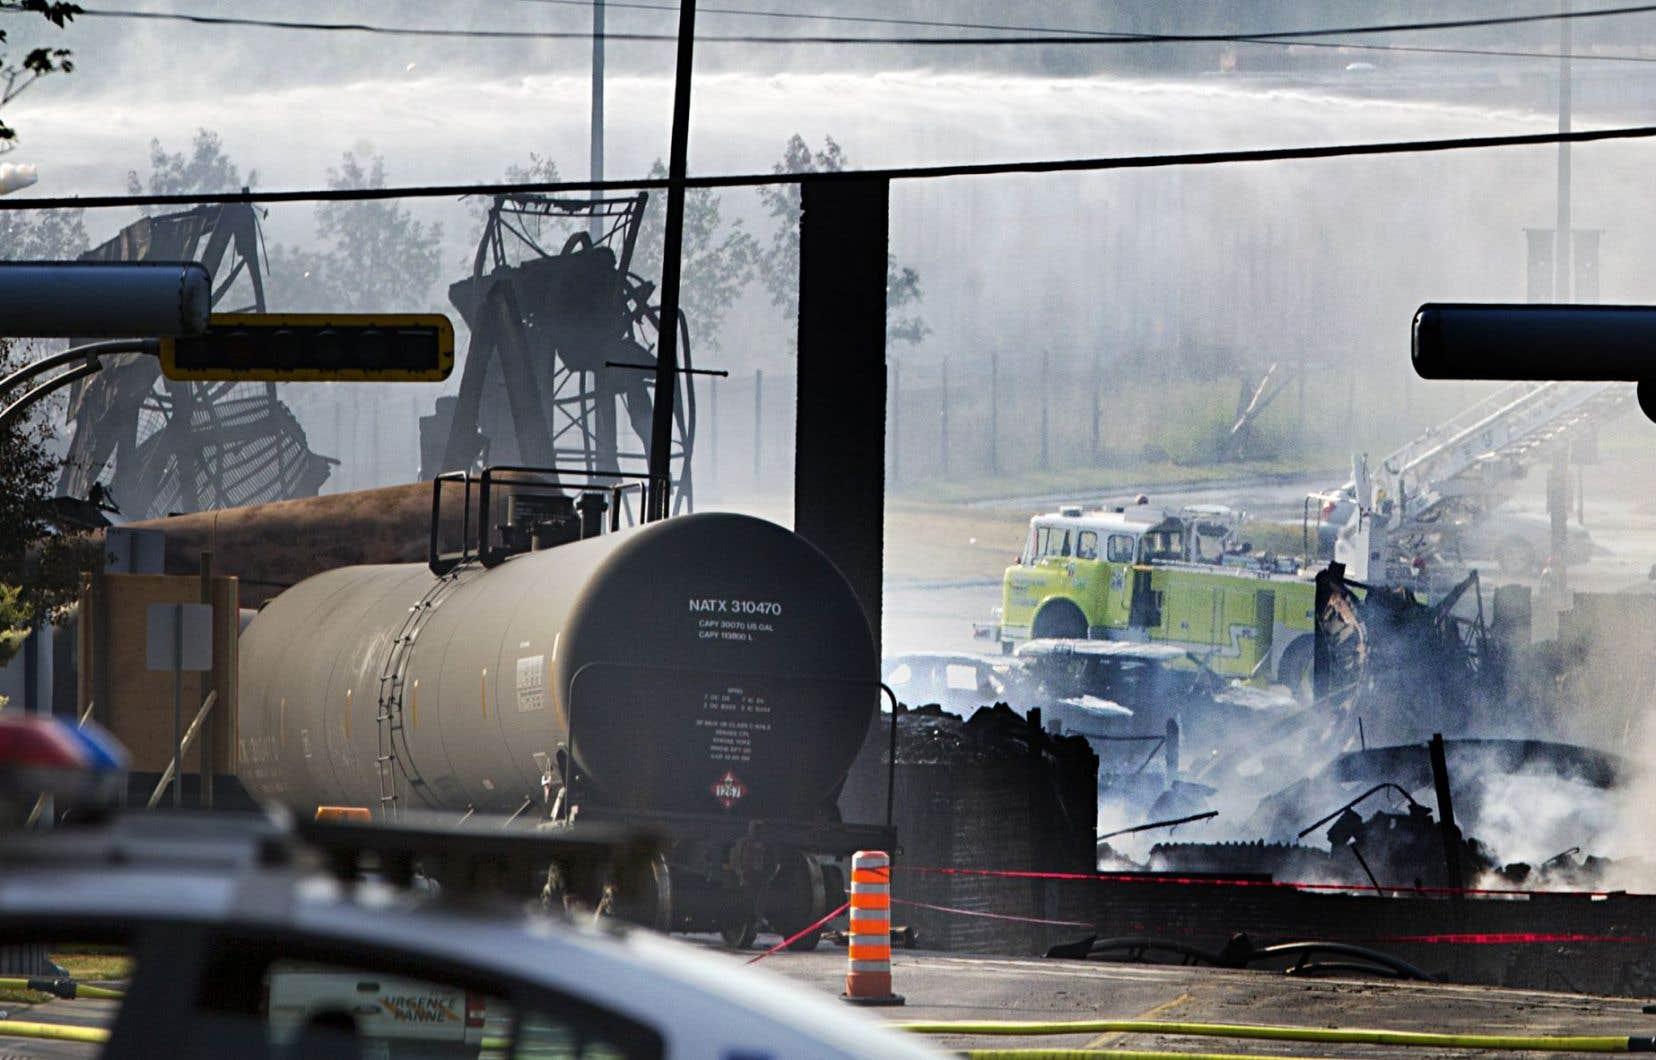 Le jugement de la Cour d'appel fédérale concerne les matières toxiques volatiles, mais, selon un juriste, le CP pourrait se servir du jugement dans les deux poursuites qui concernent la tragédie de Lac-Mégantic.